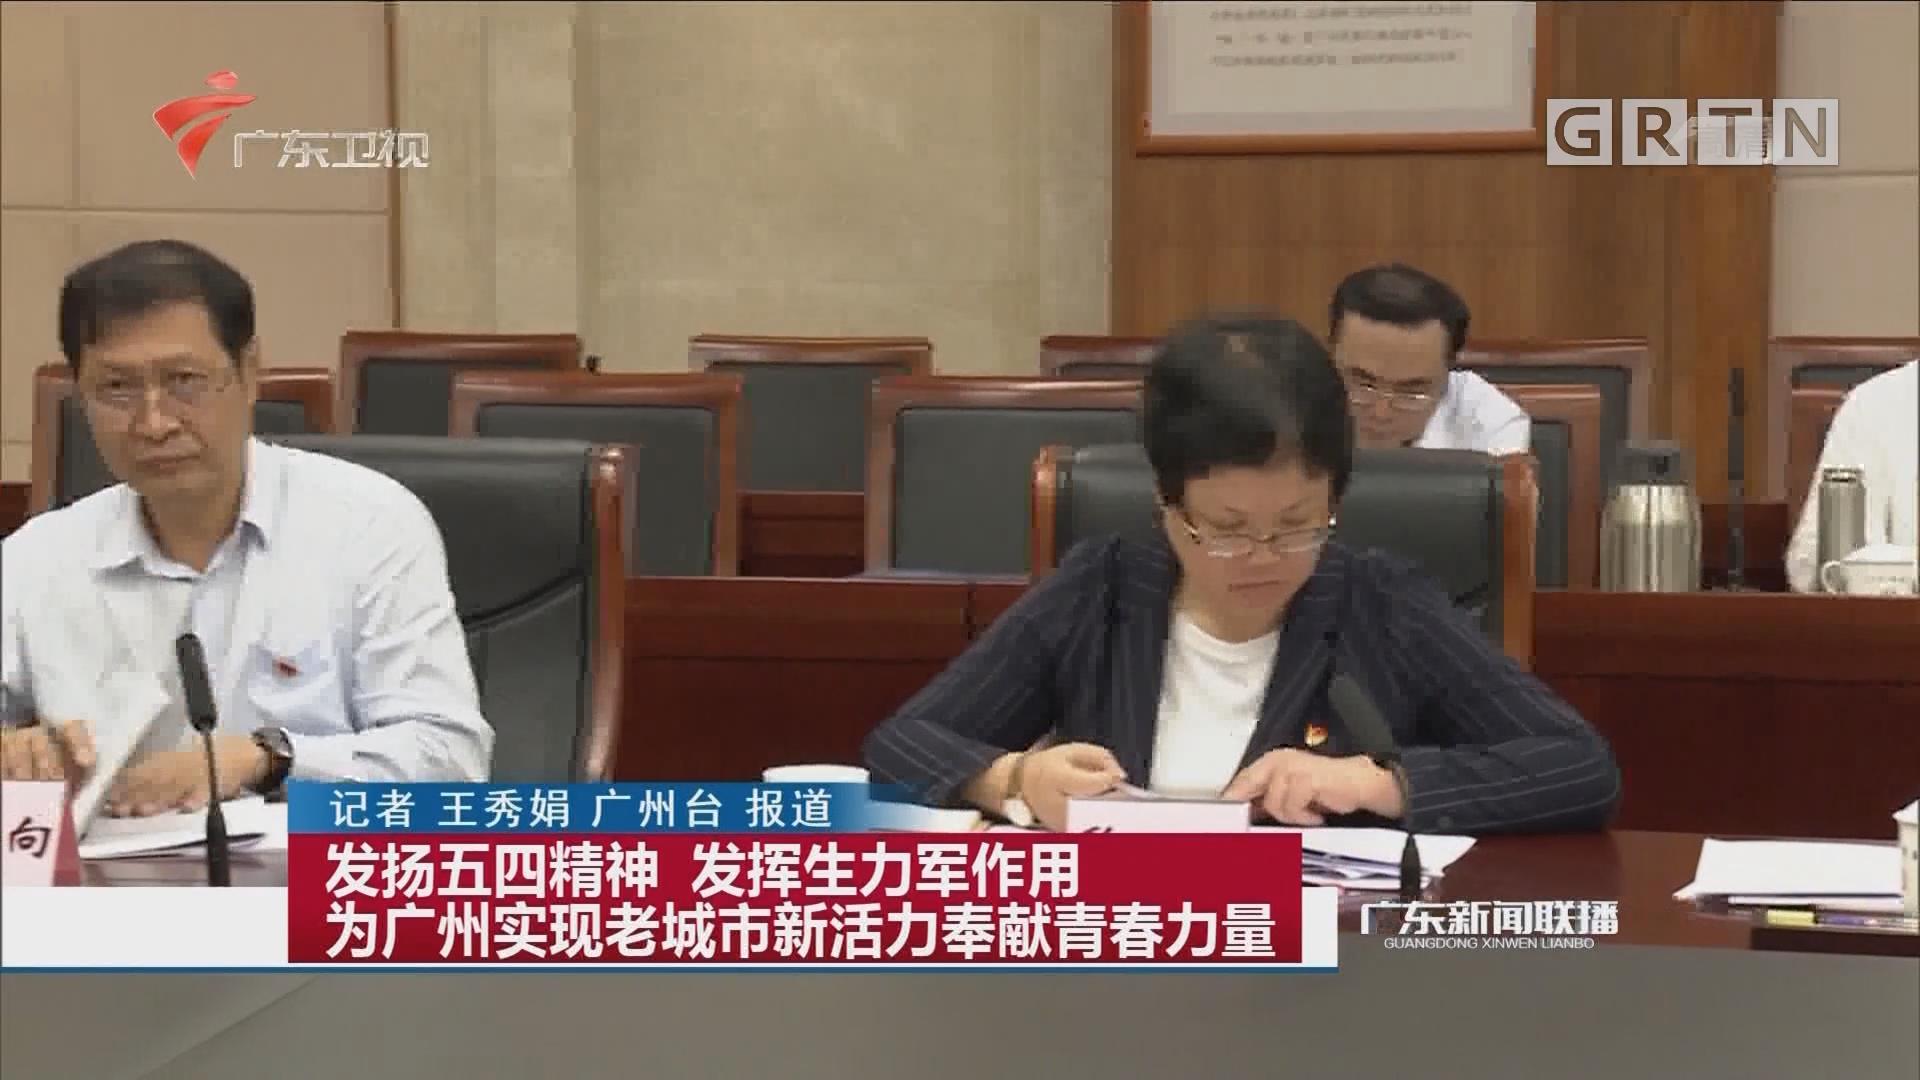 发扬五四精神 发挥生力军作用 为广州实现老城市新活力奉献青春力量